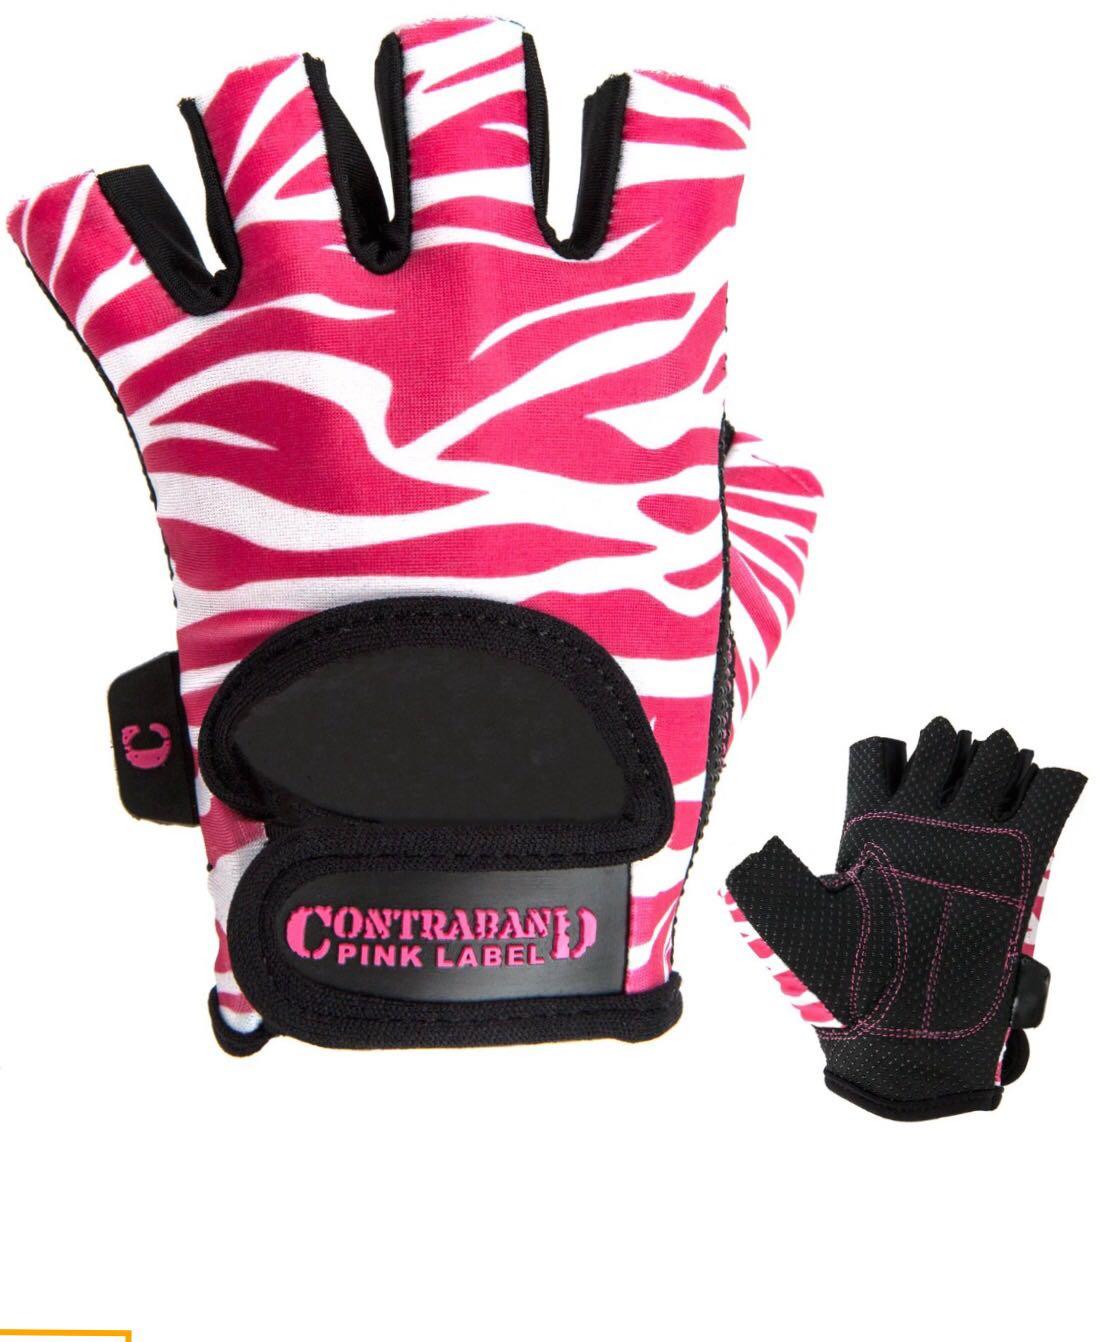 美國Contraband Pink Label專業女生健身練力量槓鈴啞鈴防滑手套